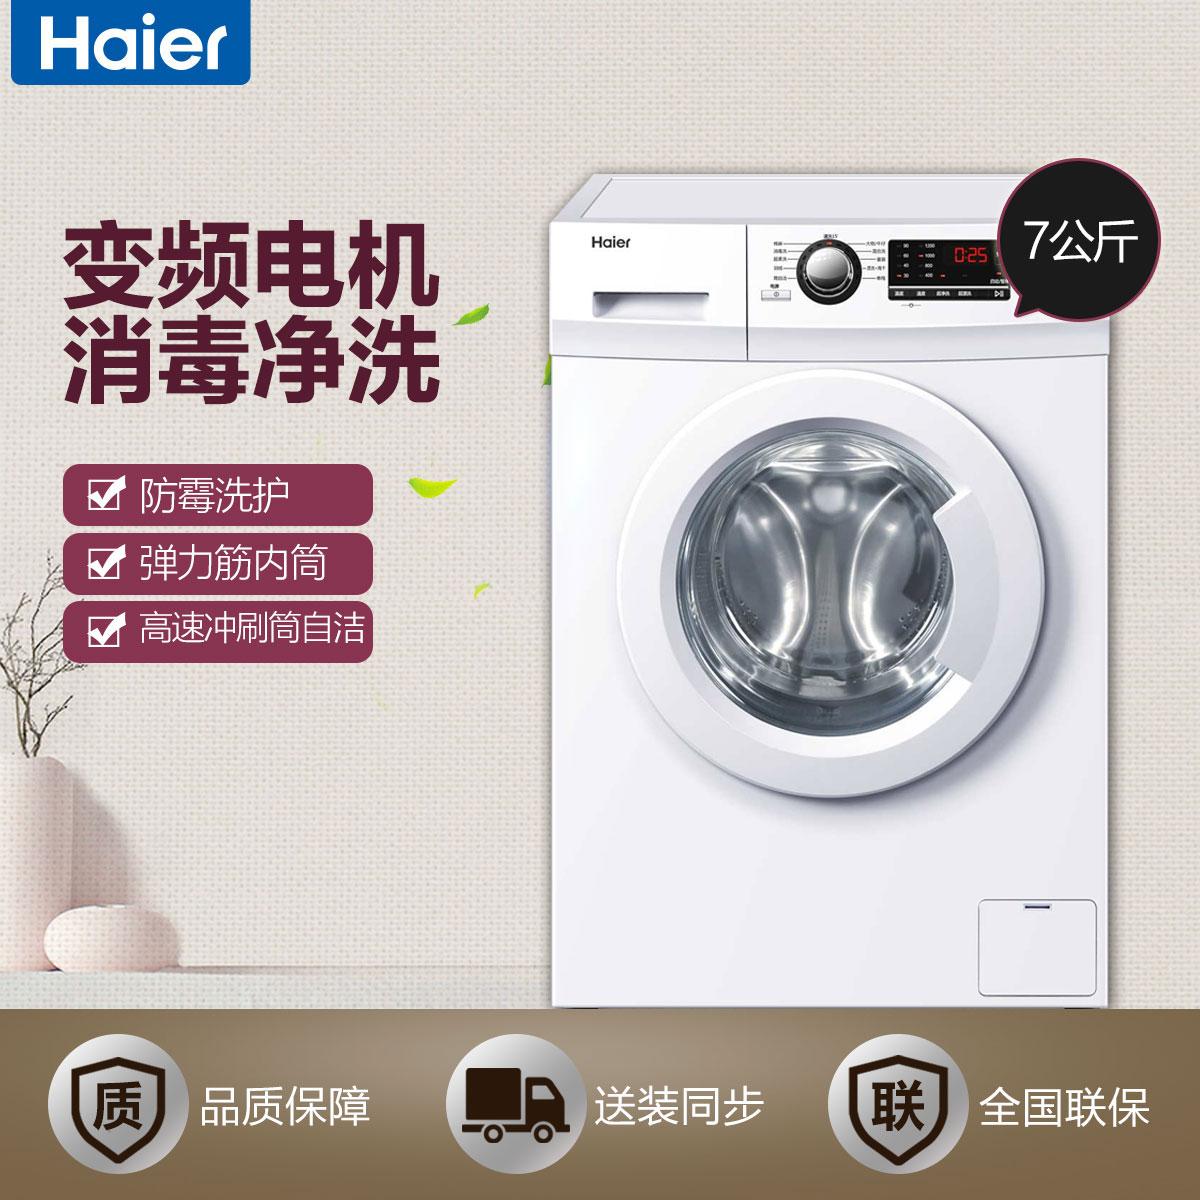 变频电机 静音洗 深度消毒洗 羽绒洗 EG7012B29W 7公斤变频全自动滚筒洗衣机